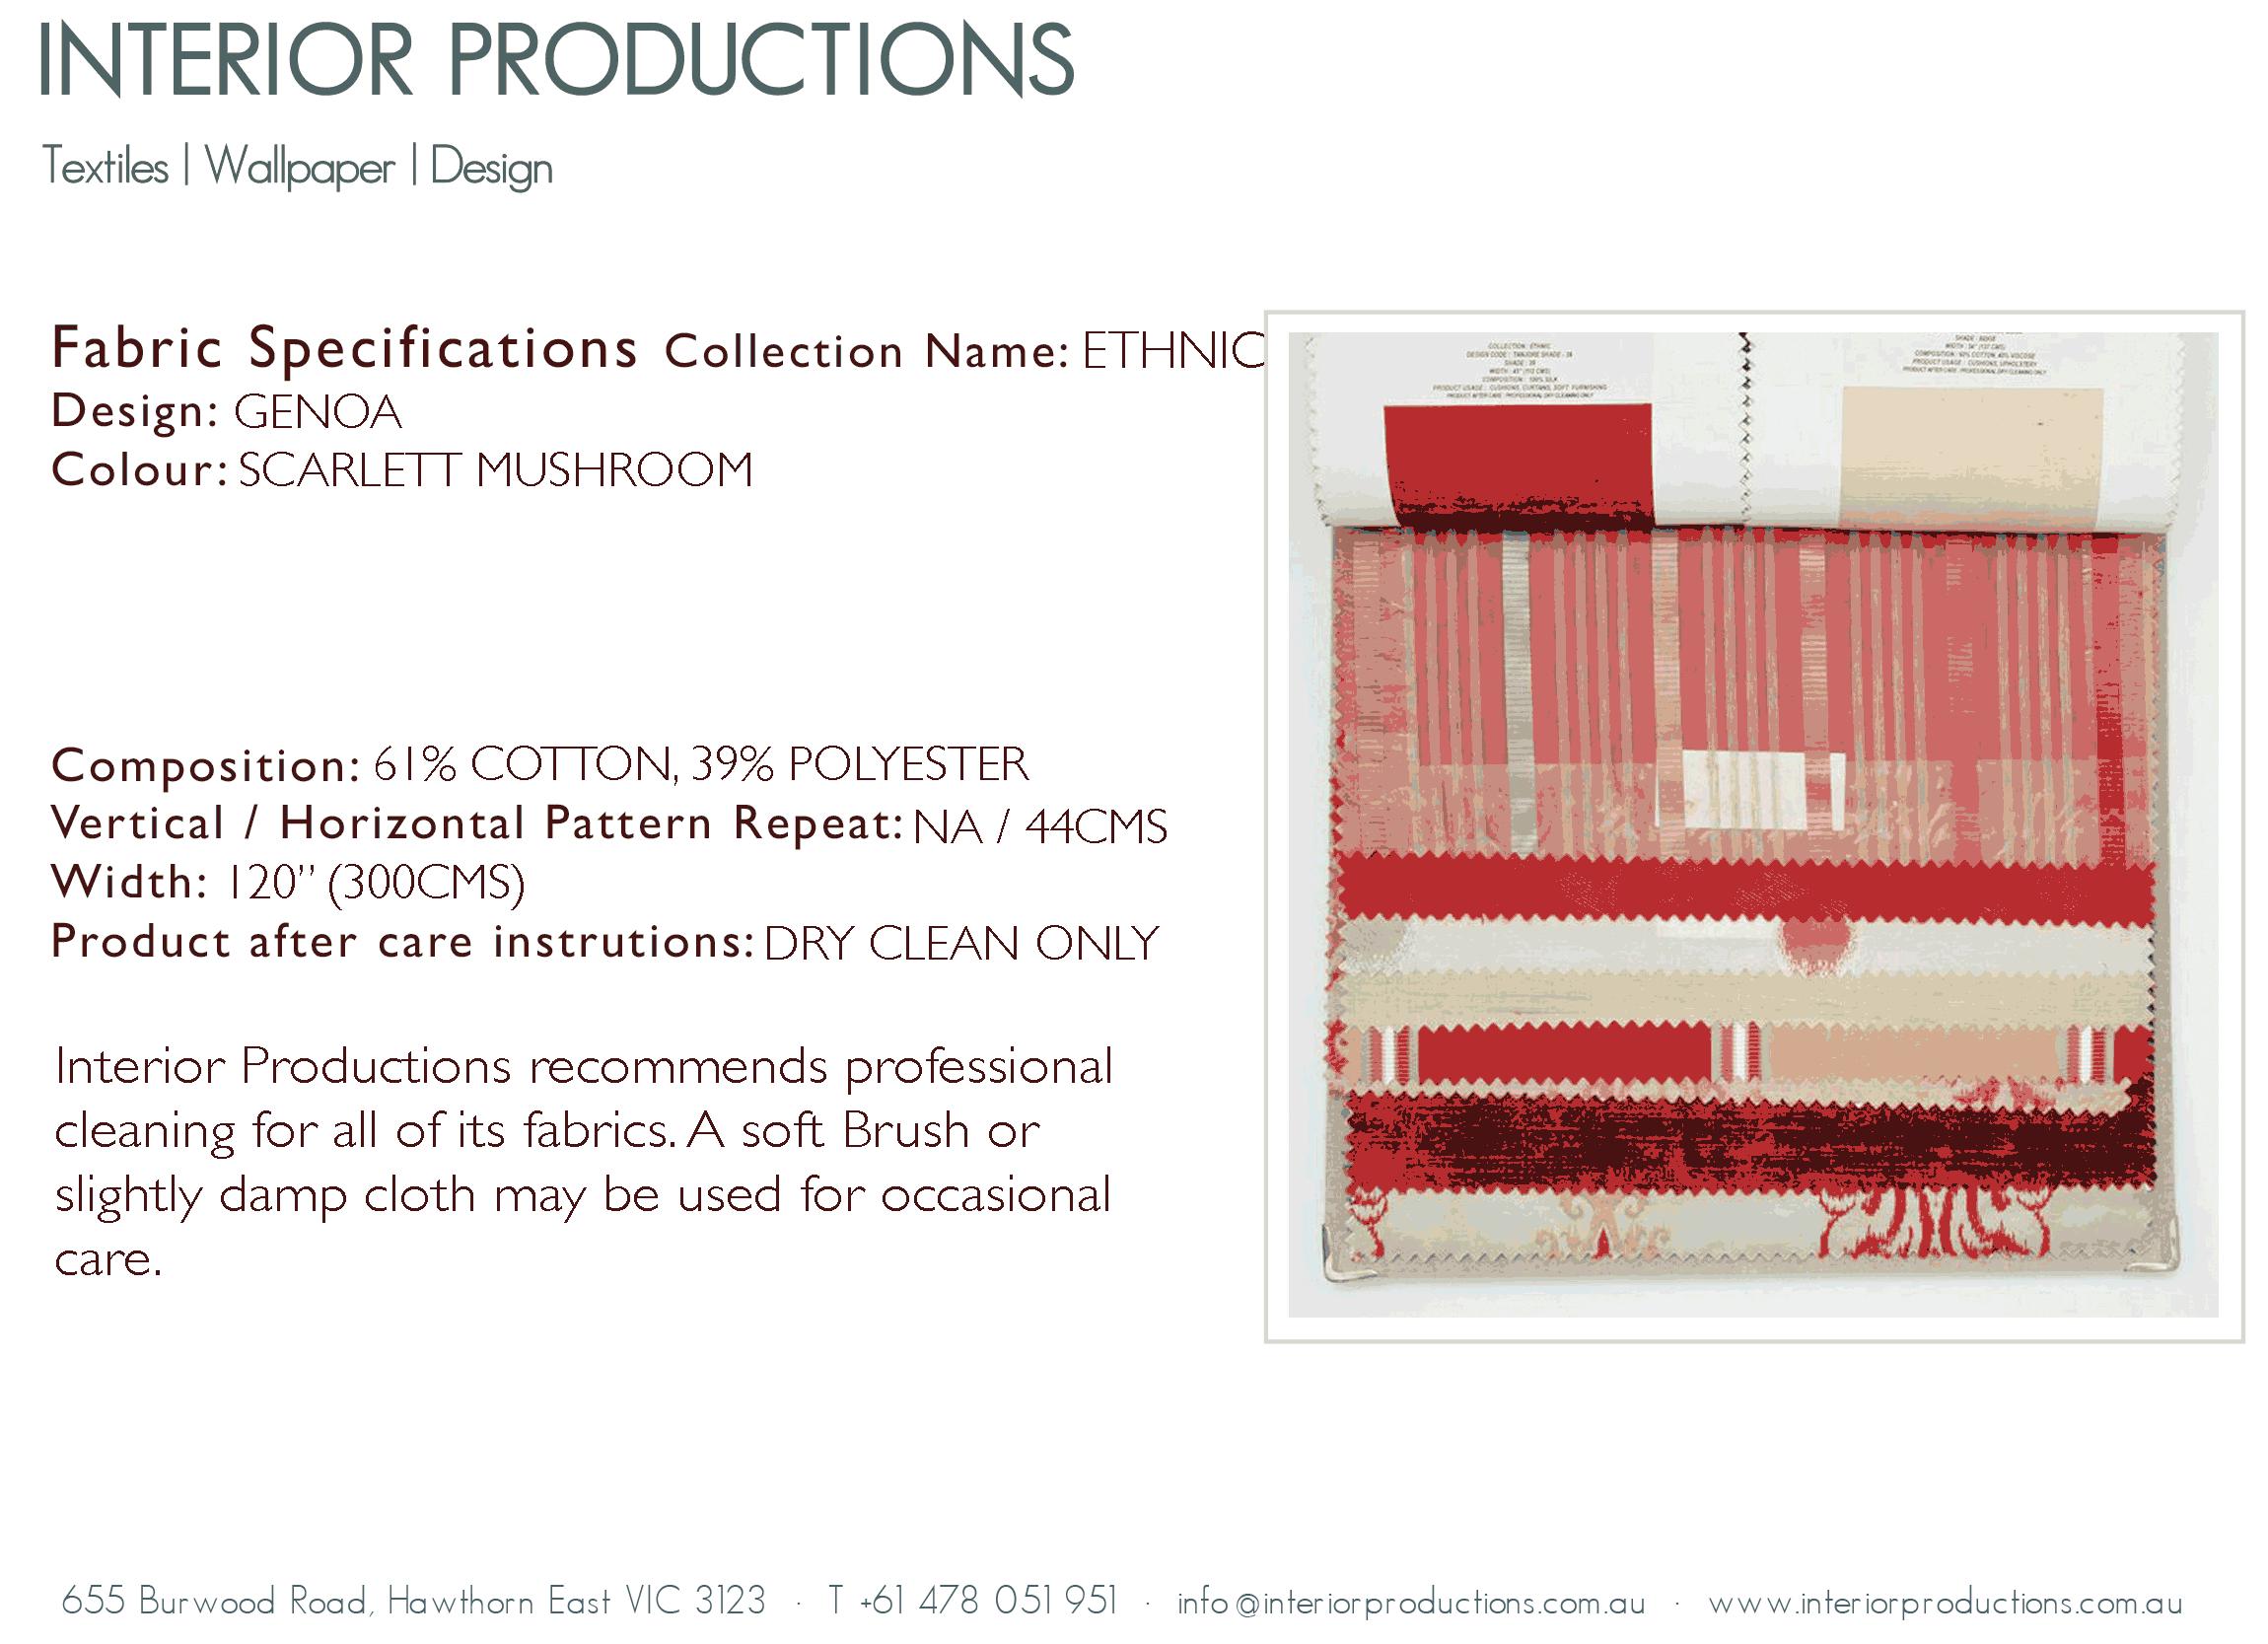 interior_productions_GENOA---SCARLETT-MUSHROOM